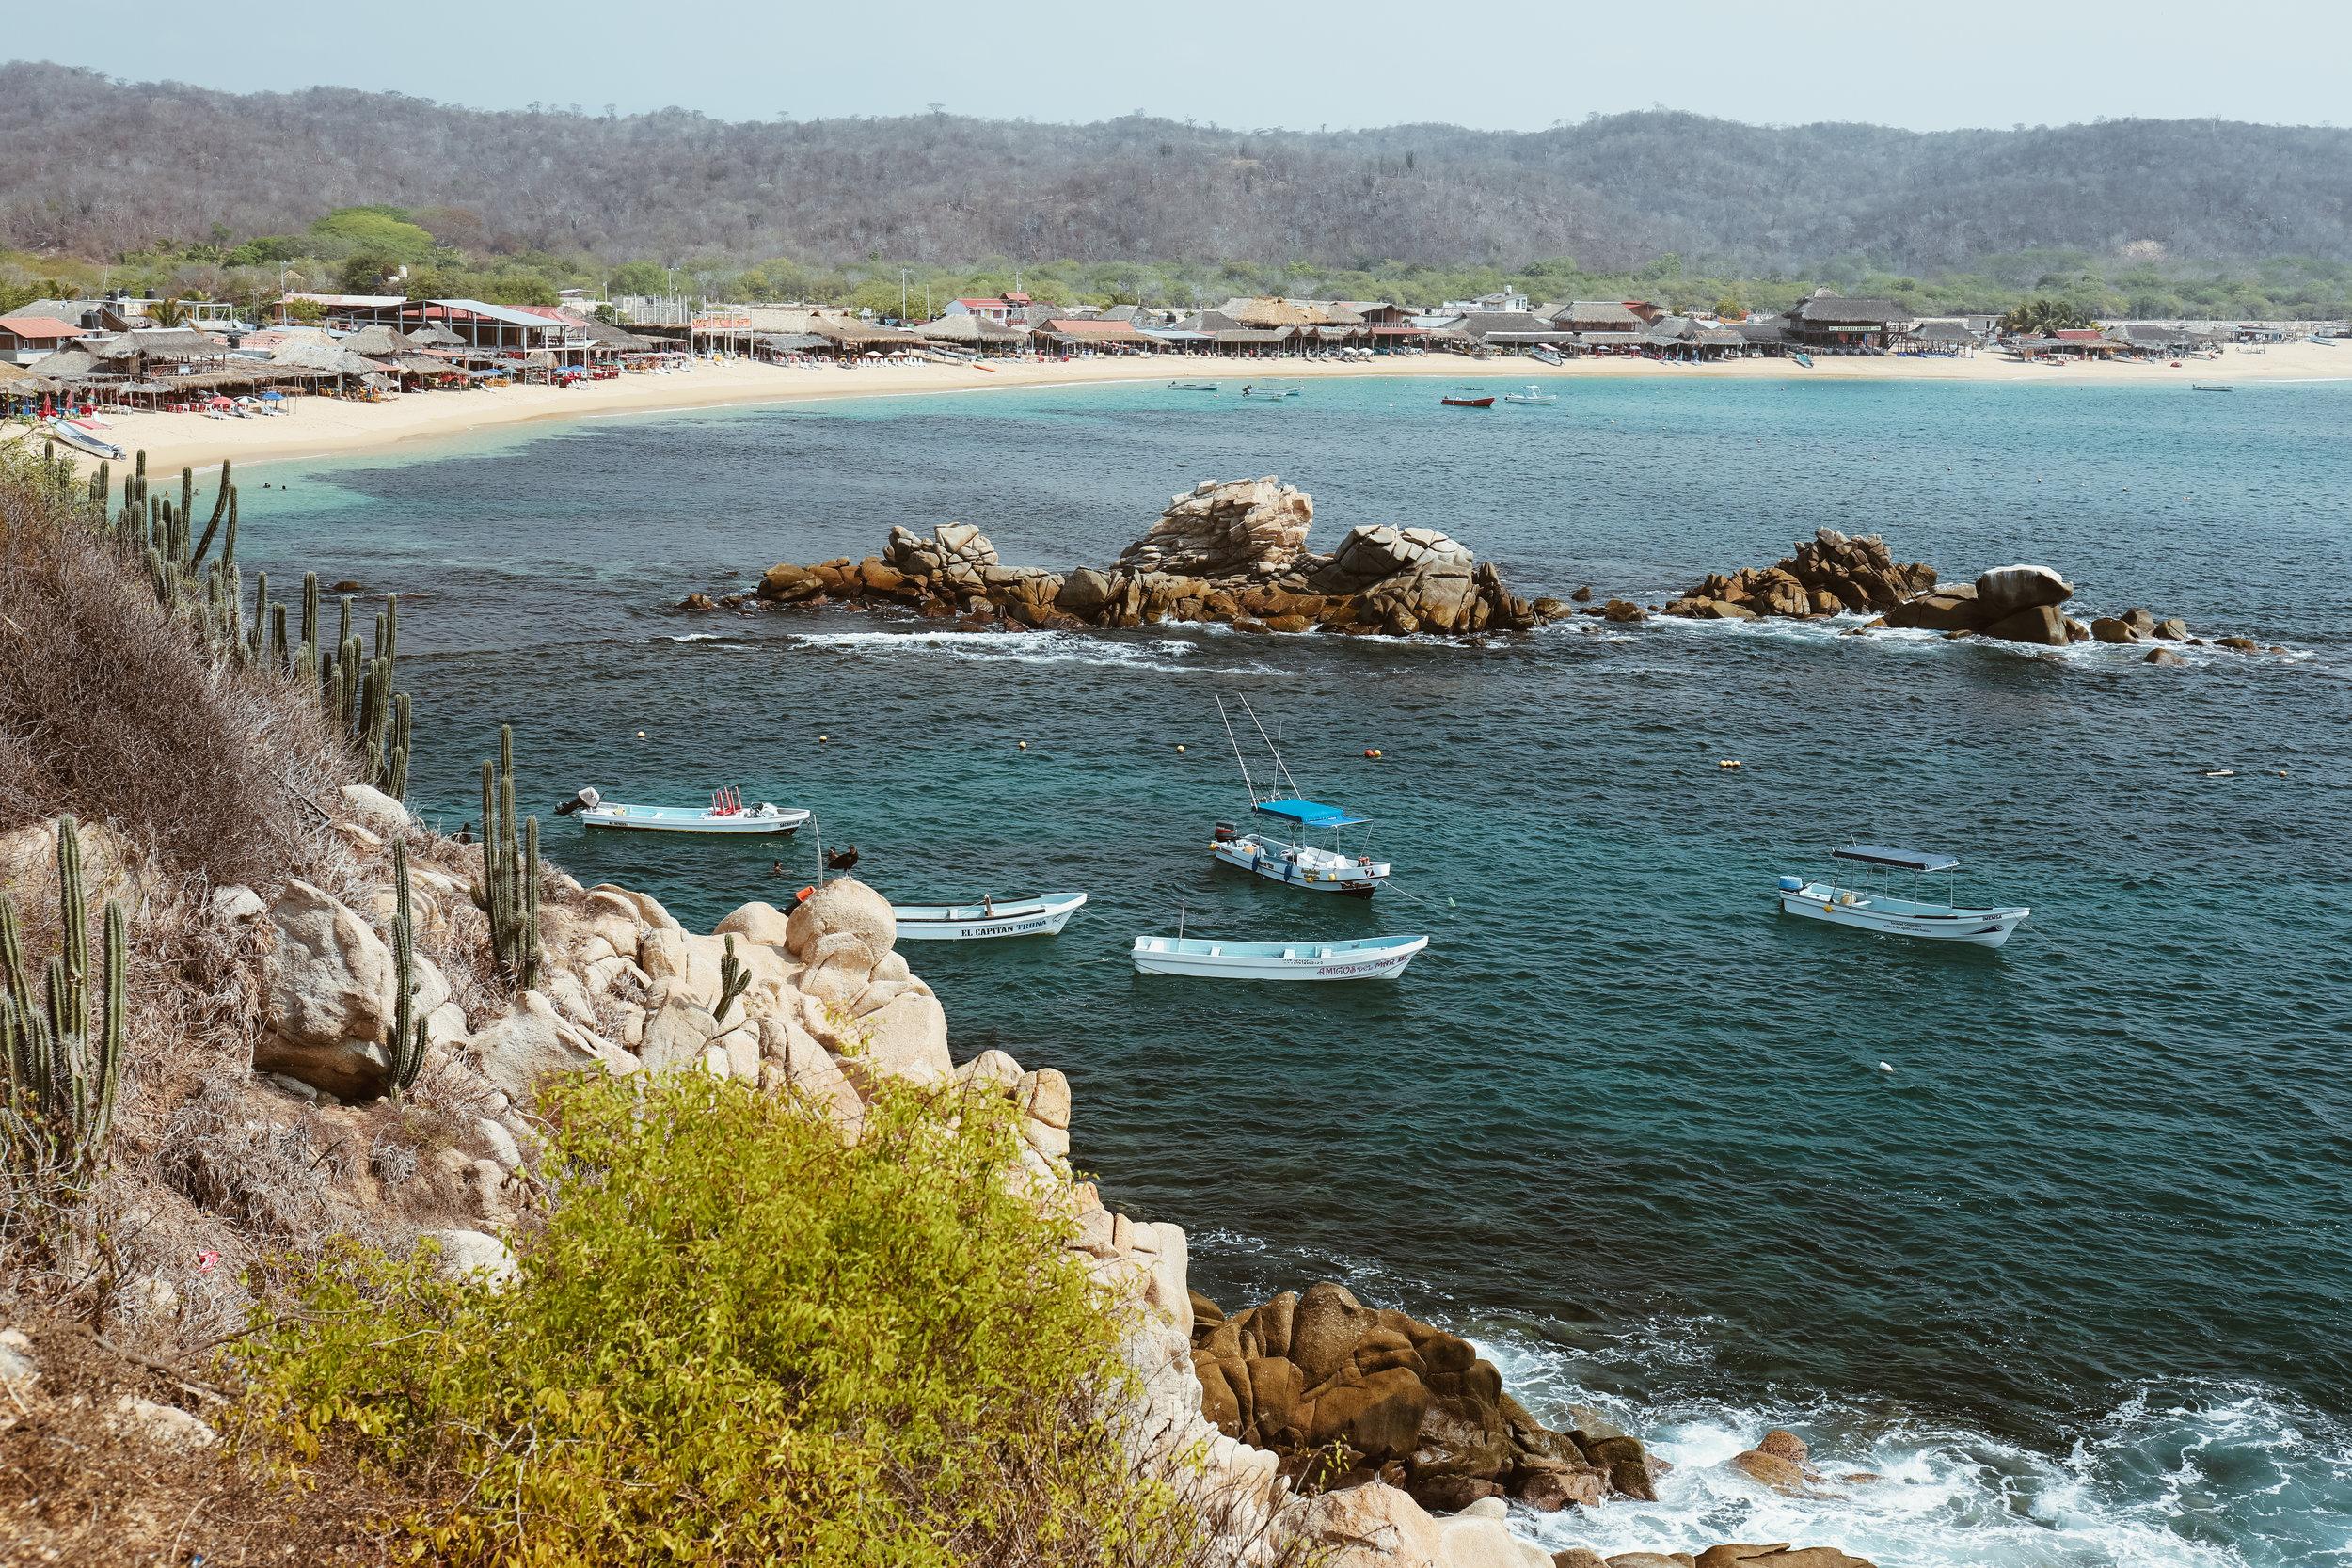 Bahia San Agustin